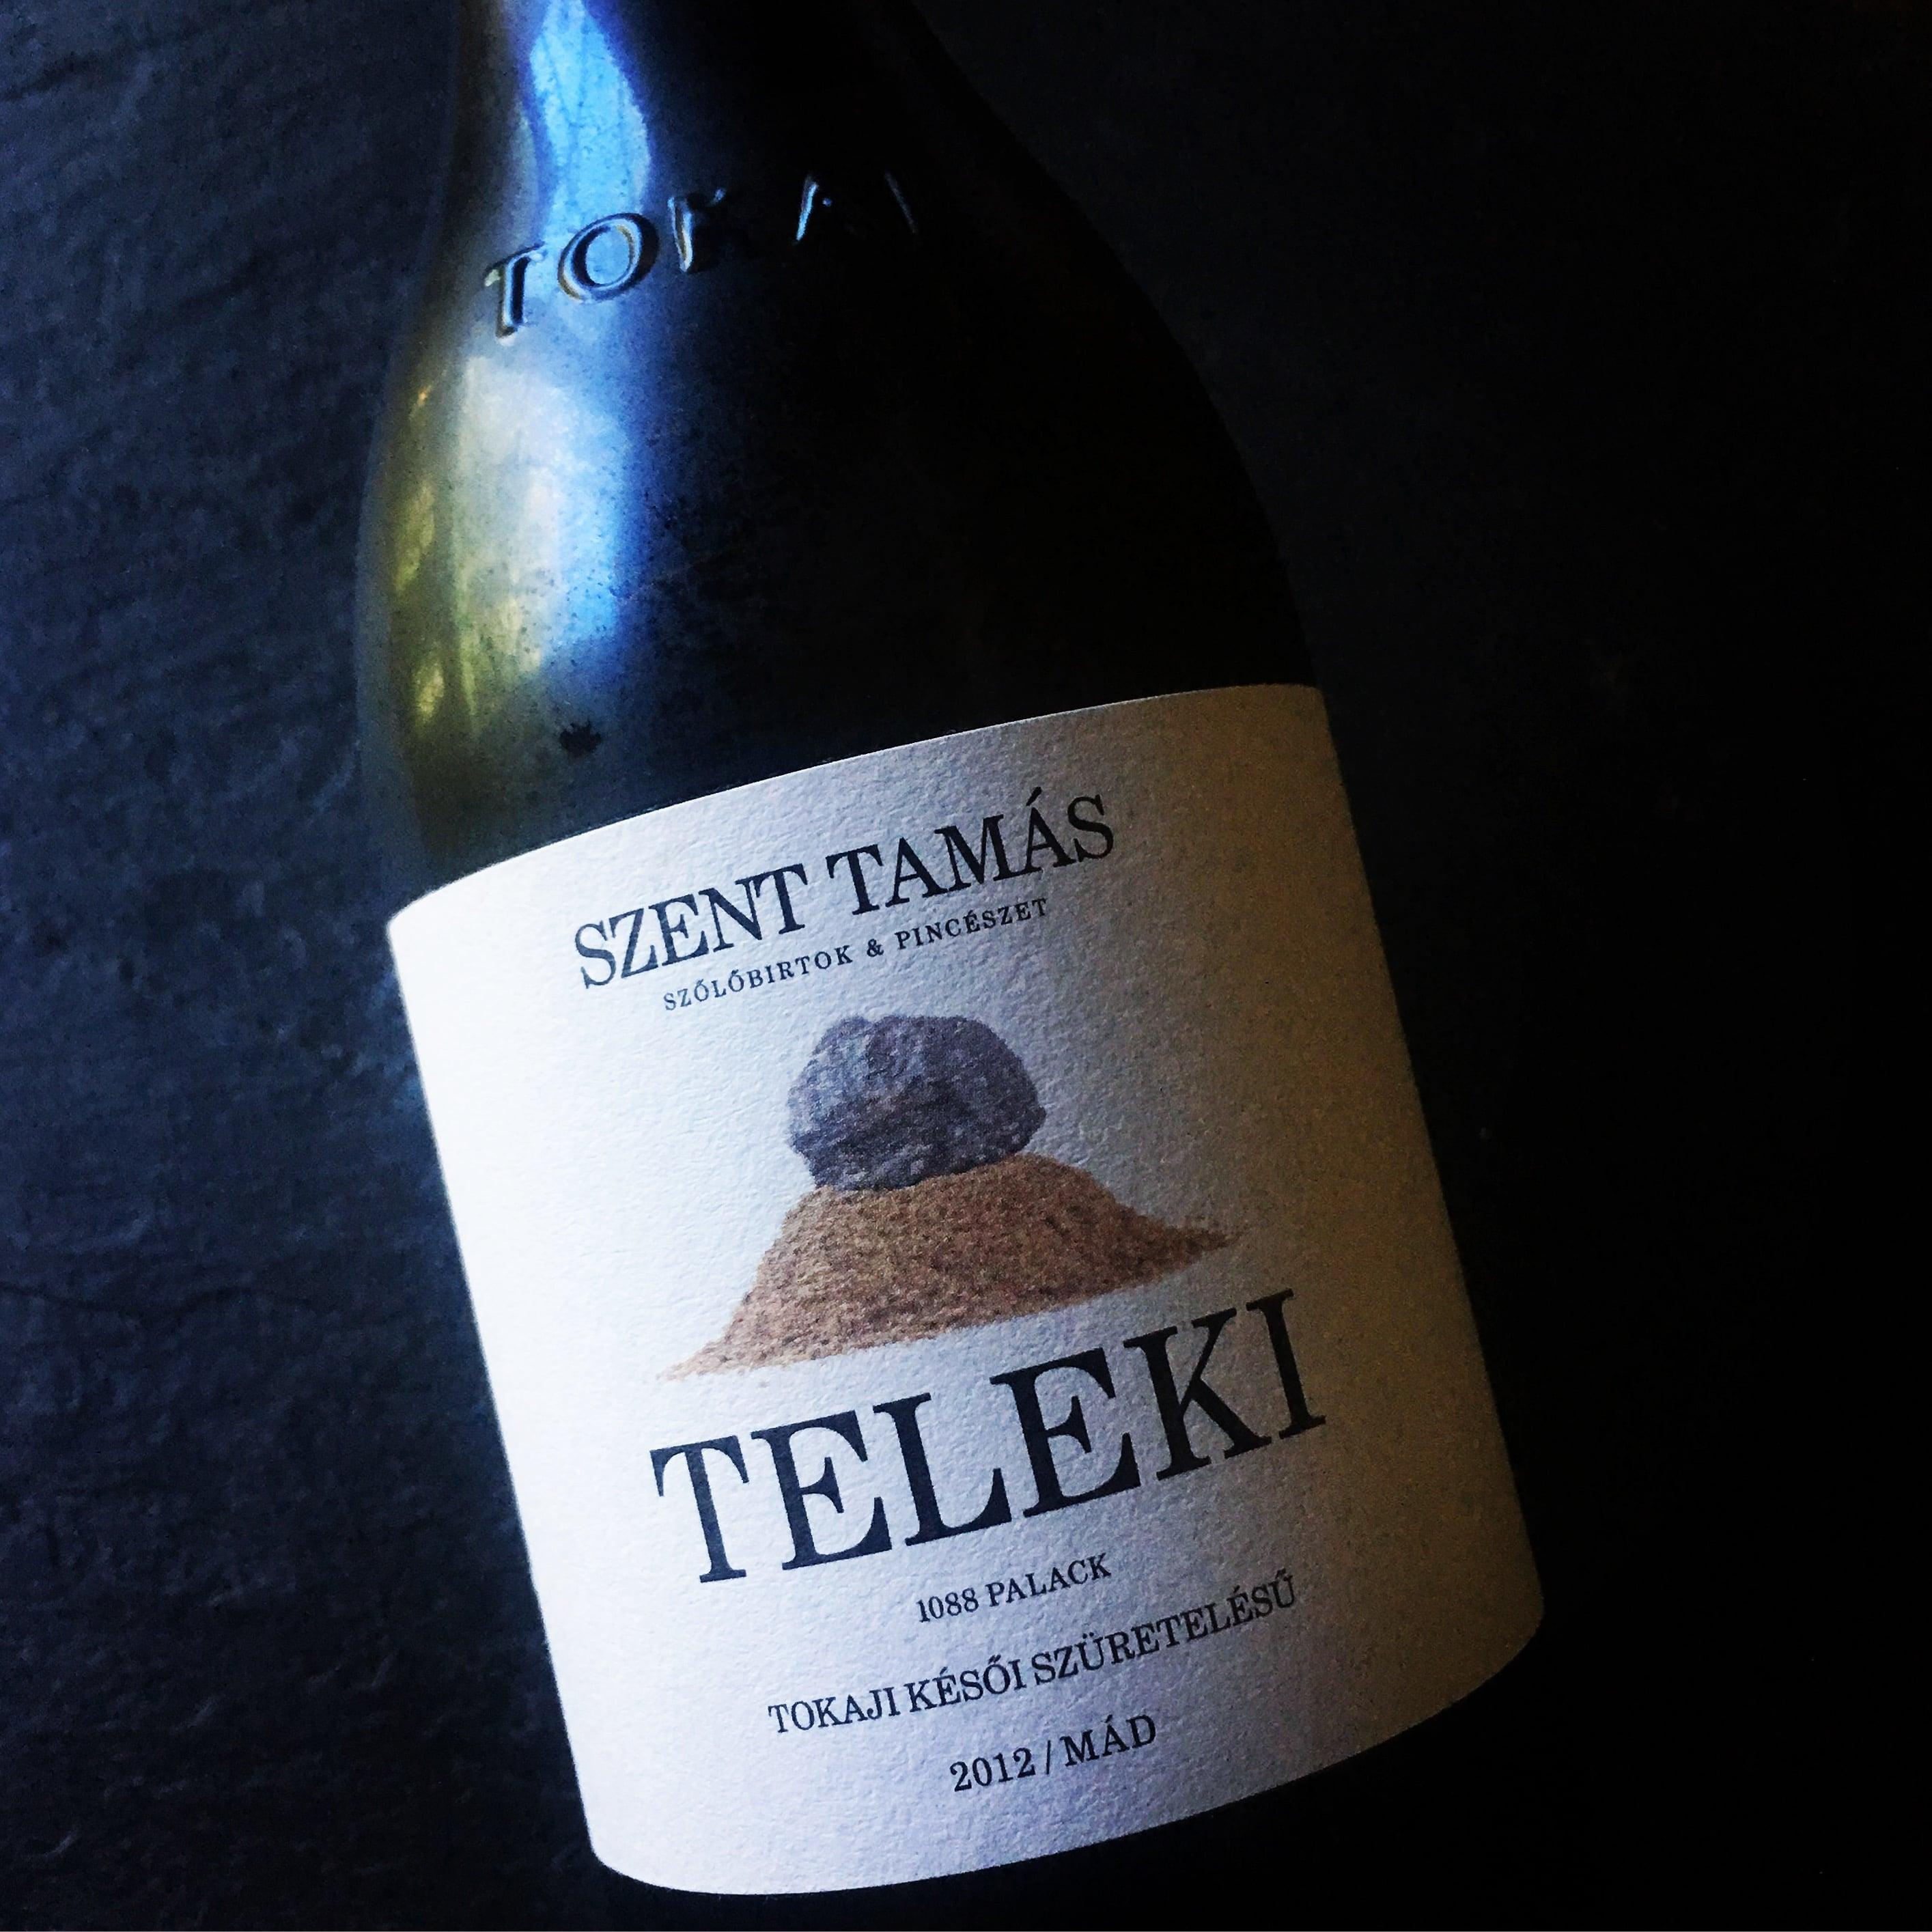 Szent Tamás Teleki Palack Tokaji Késői Szüretelésű 2012